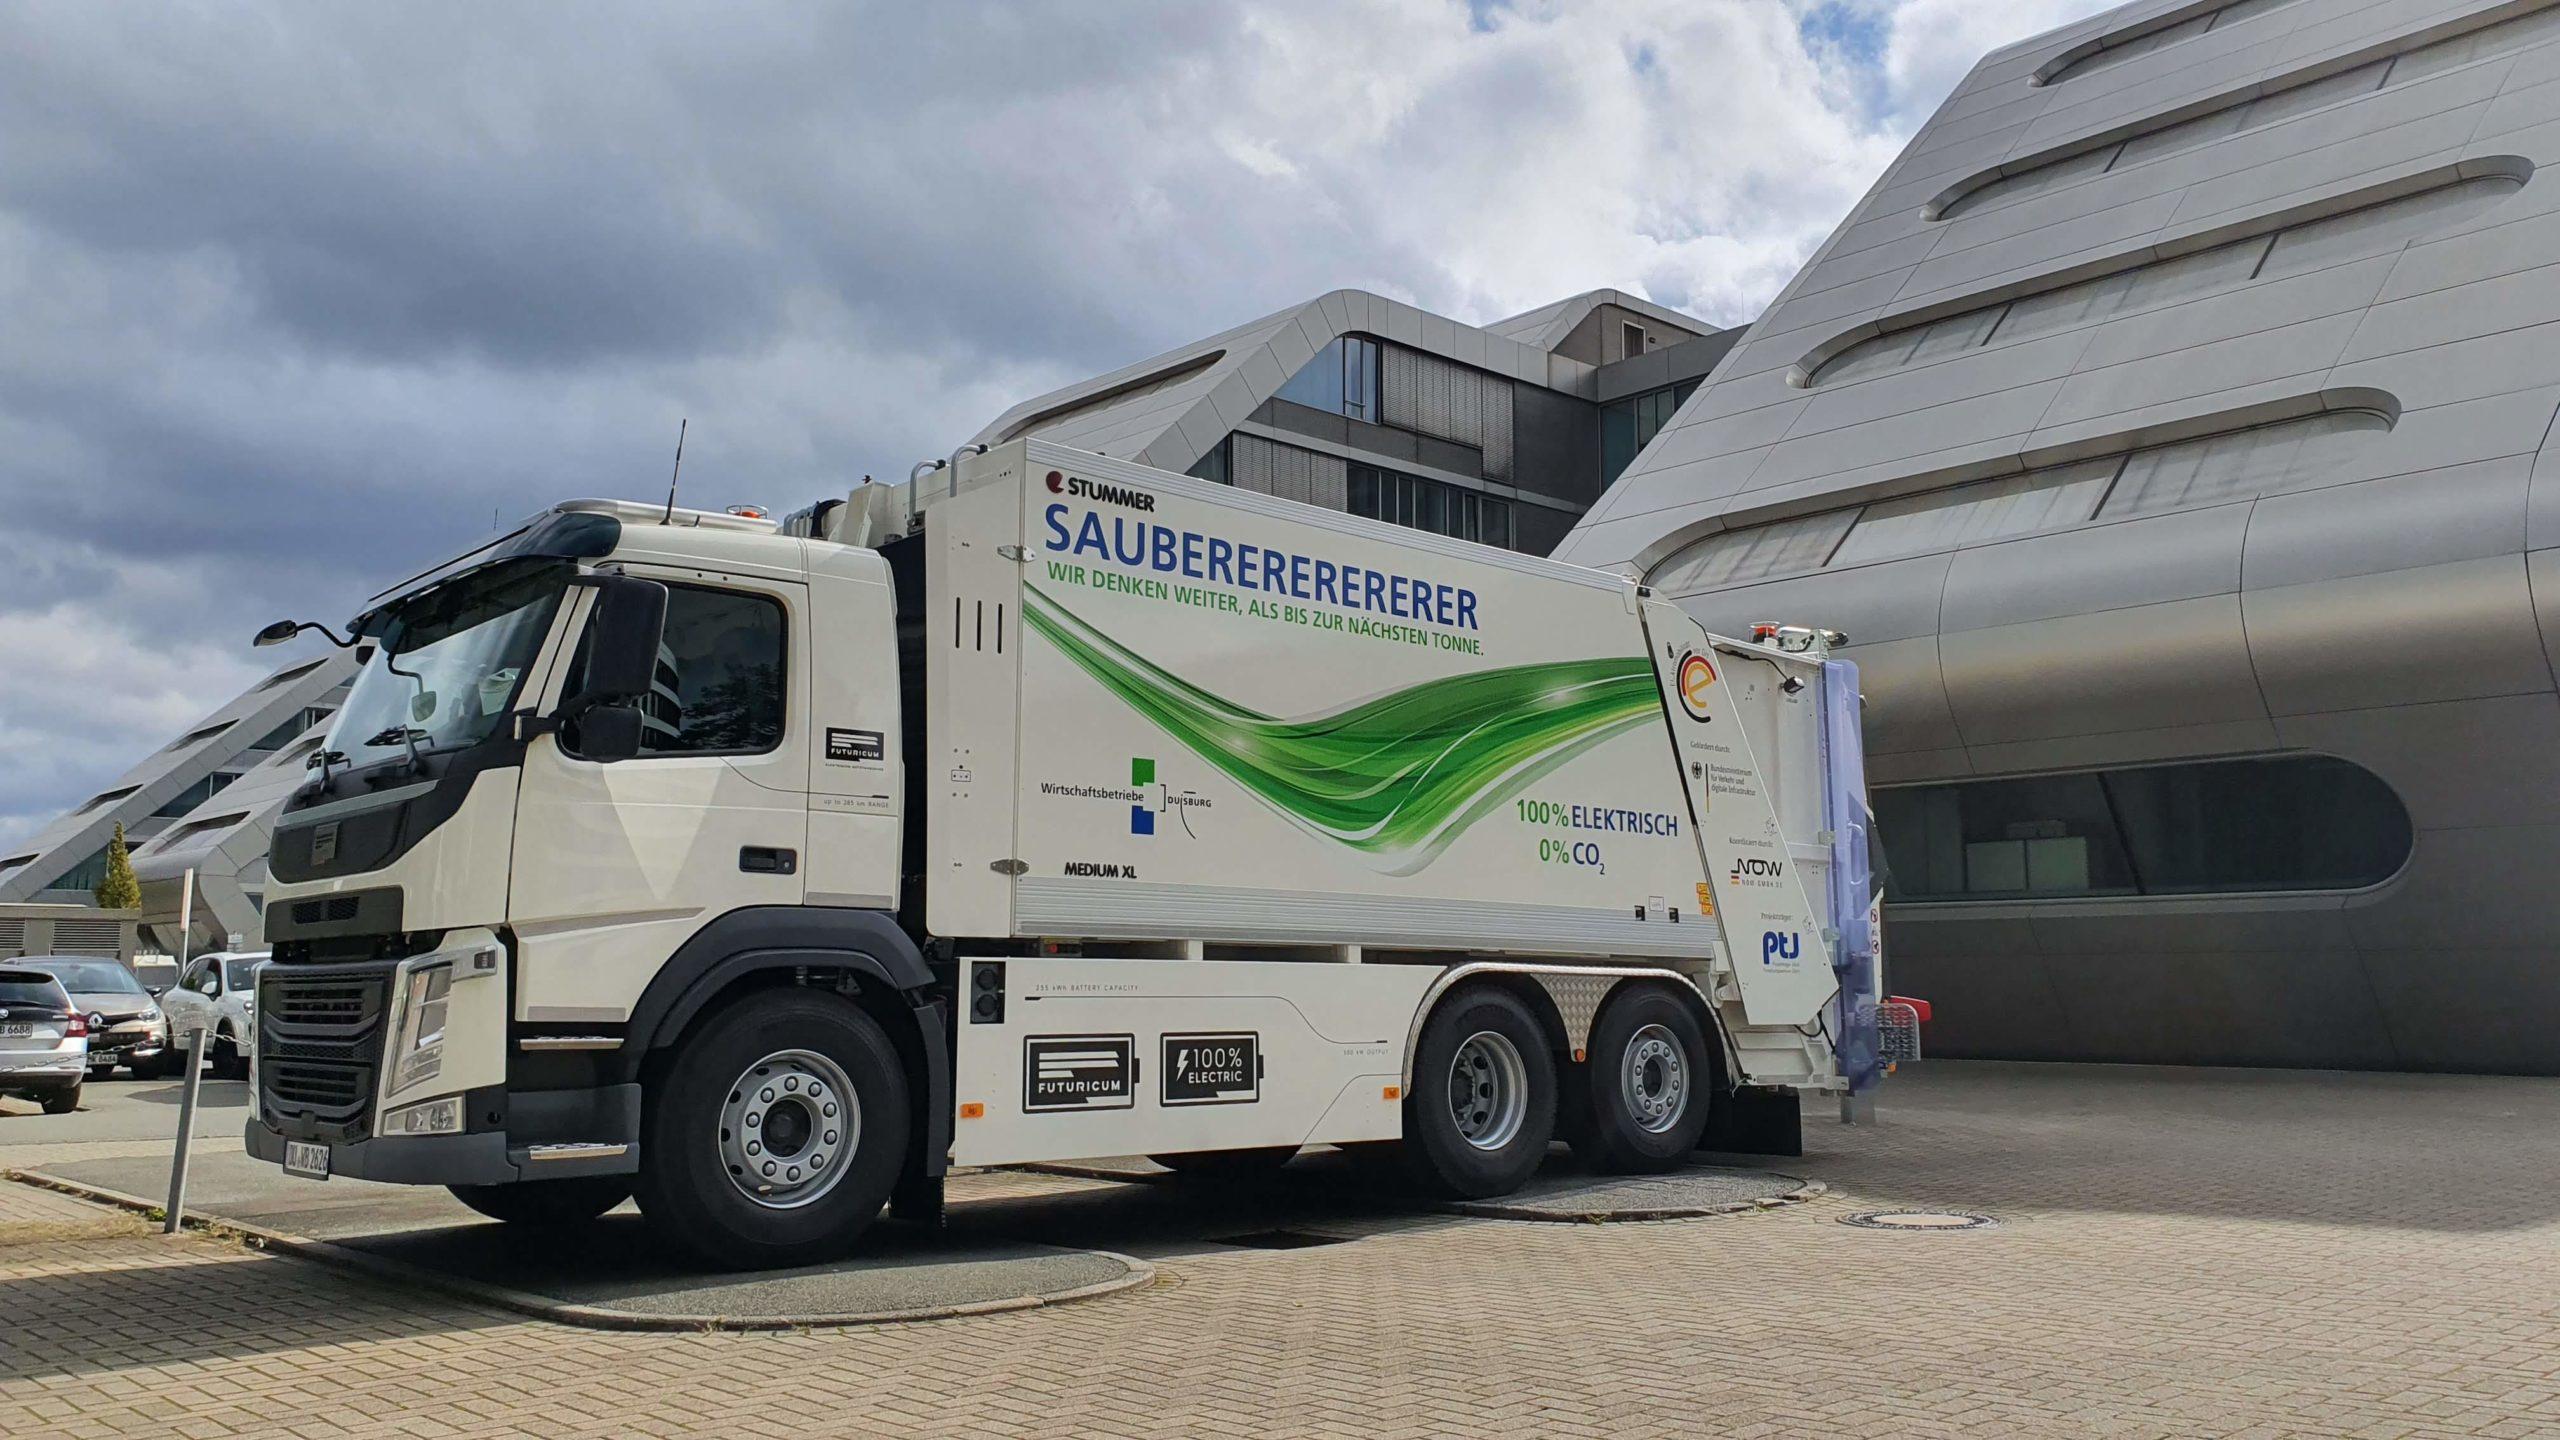 Duisburg_Futuricum_Collect_26E-scaled Elektrisches Abfallsammelfahrzeug für Duisburg